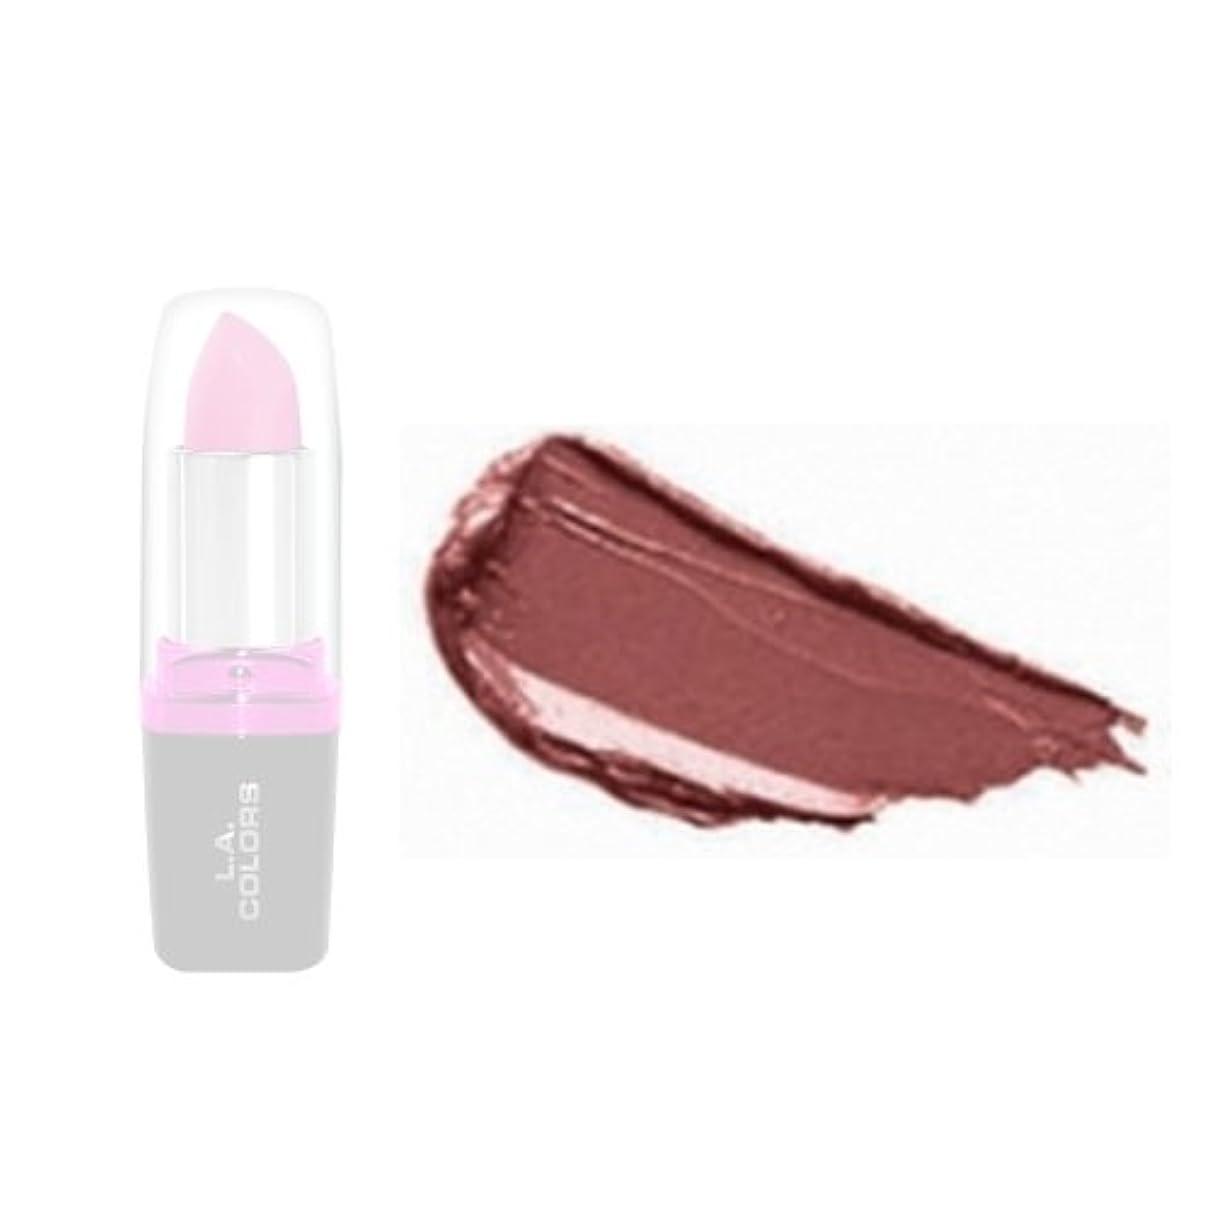 日ニックネーム出くわす(3 Pack) LA Colors Hydrating Lipstick - Mauvey (並行輸入品)